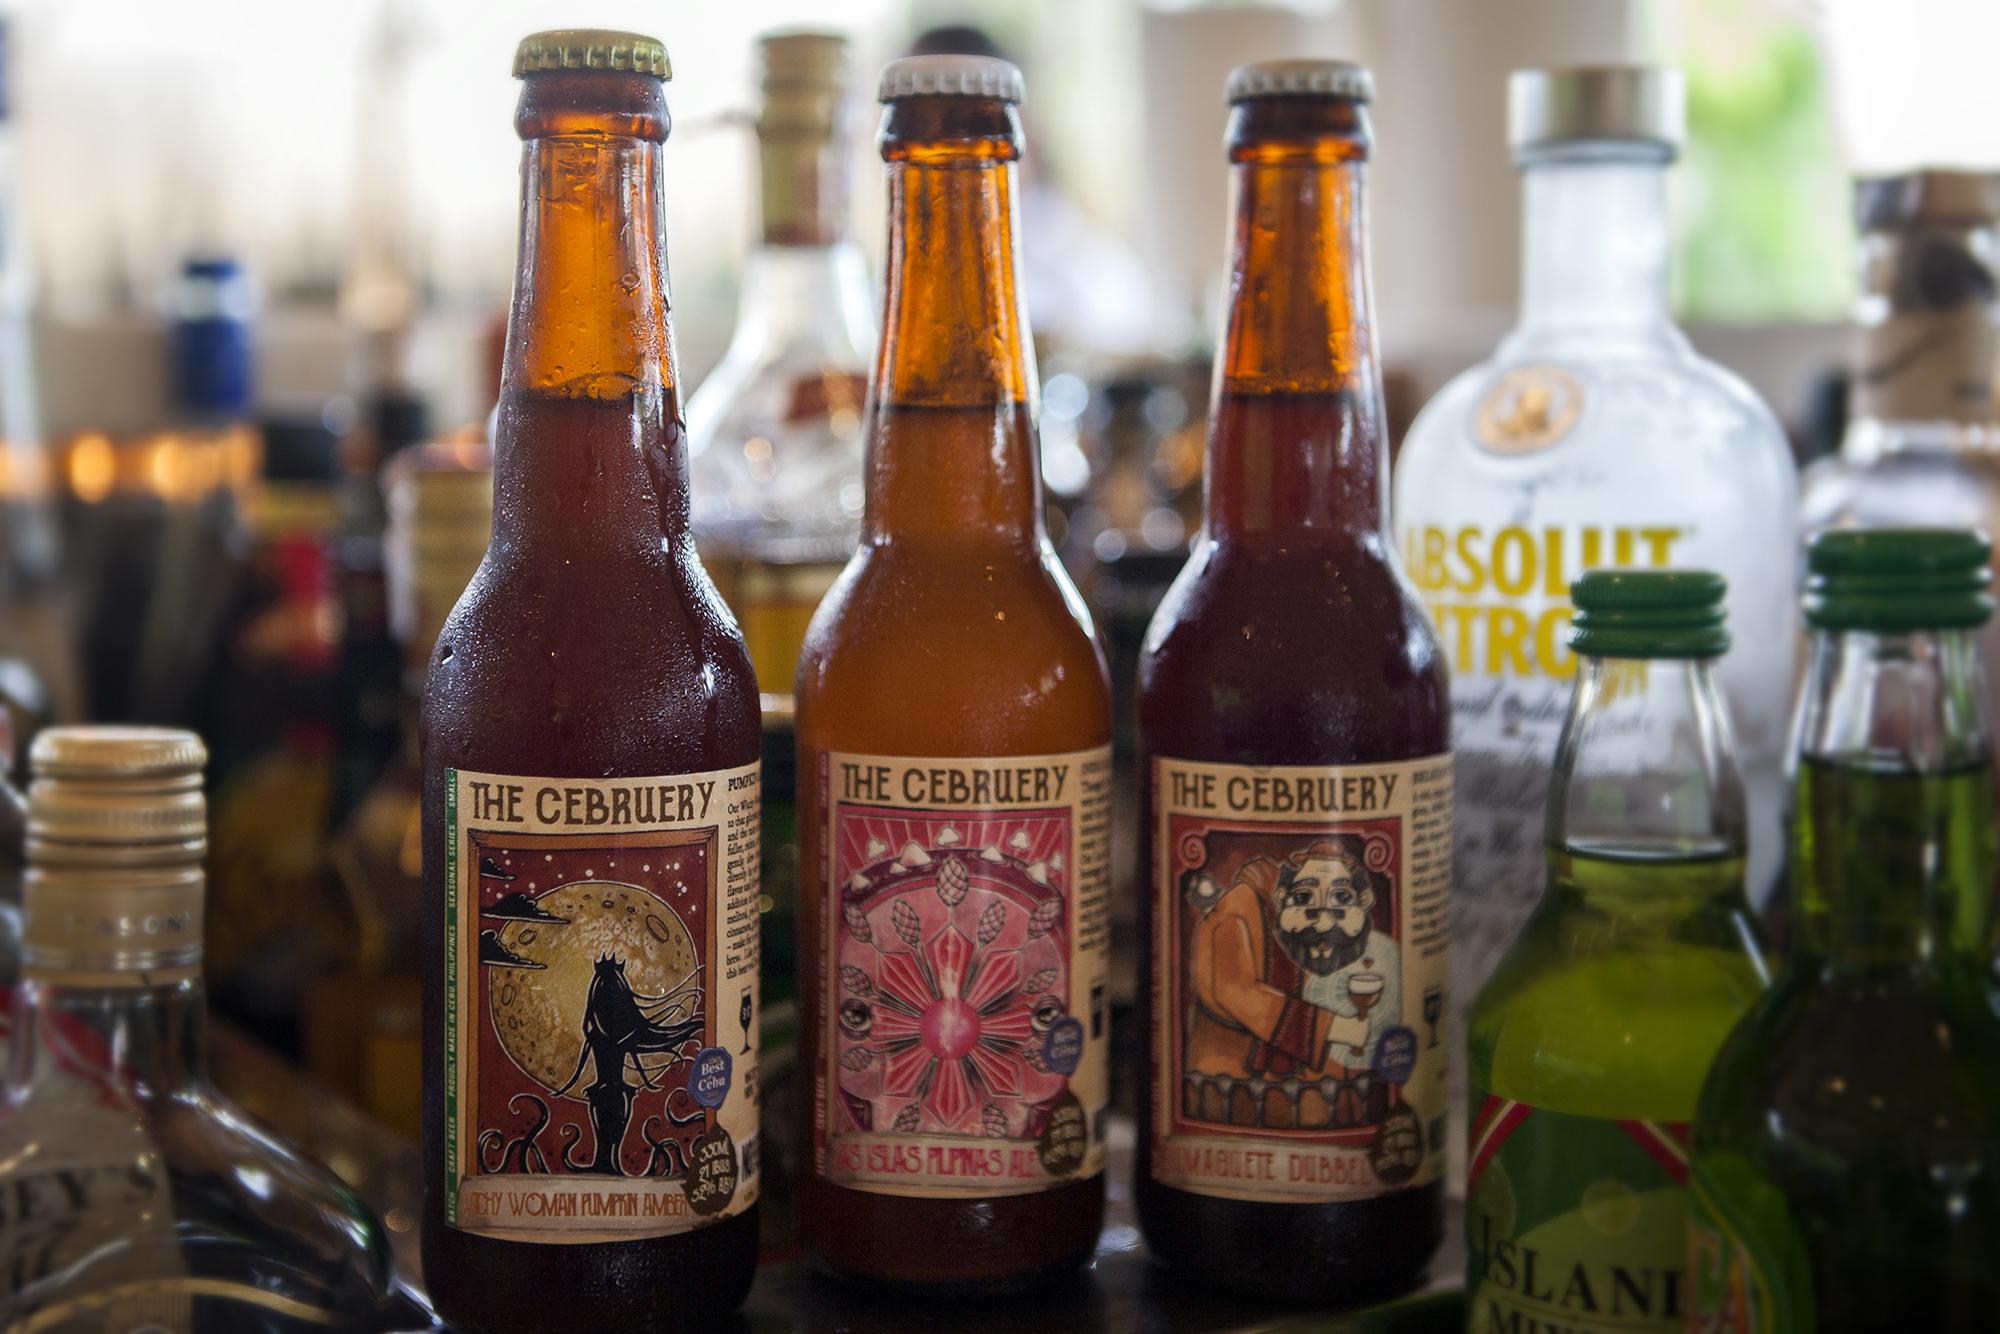 Artisanal micro brewery beers from the Cebruery in Cebu, served at Atmosphere Resort